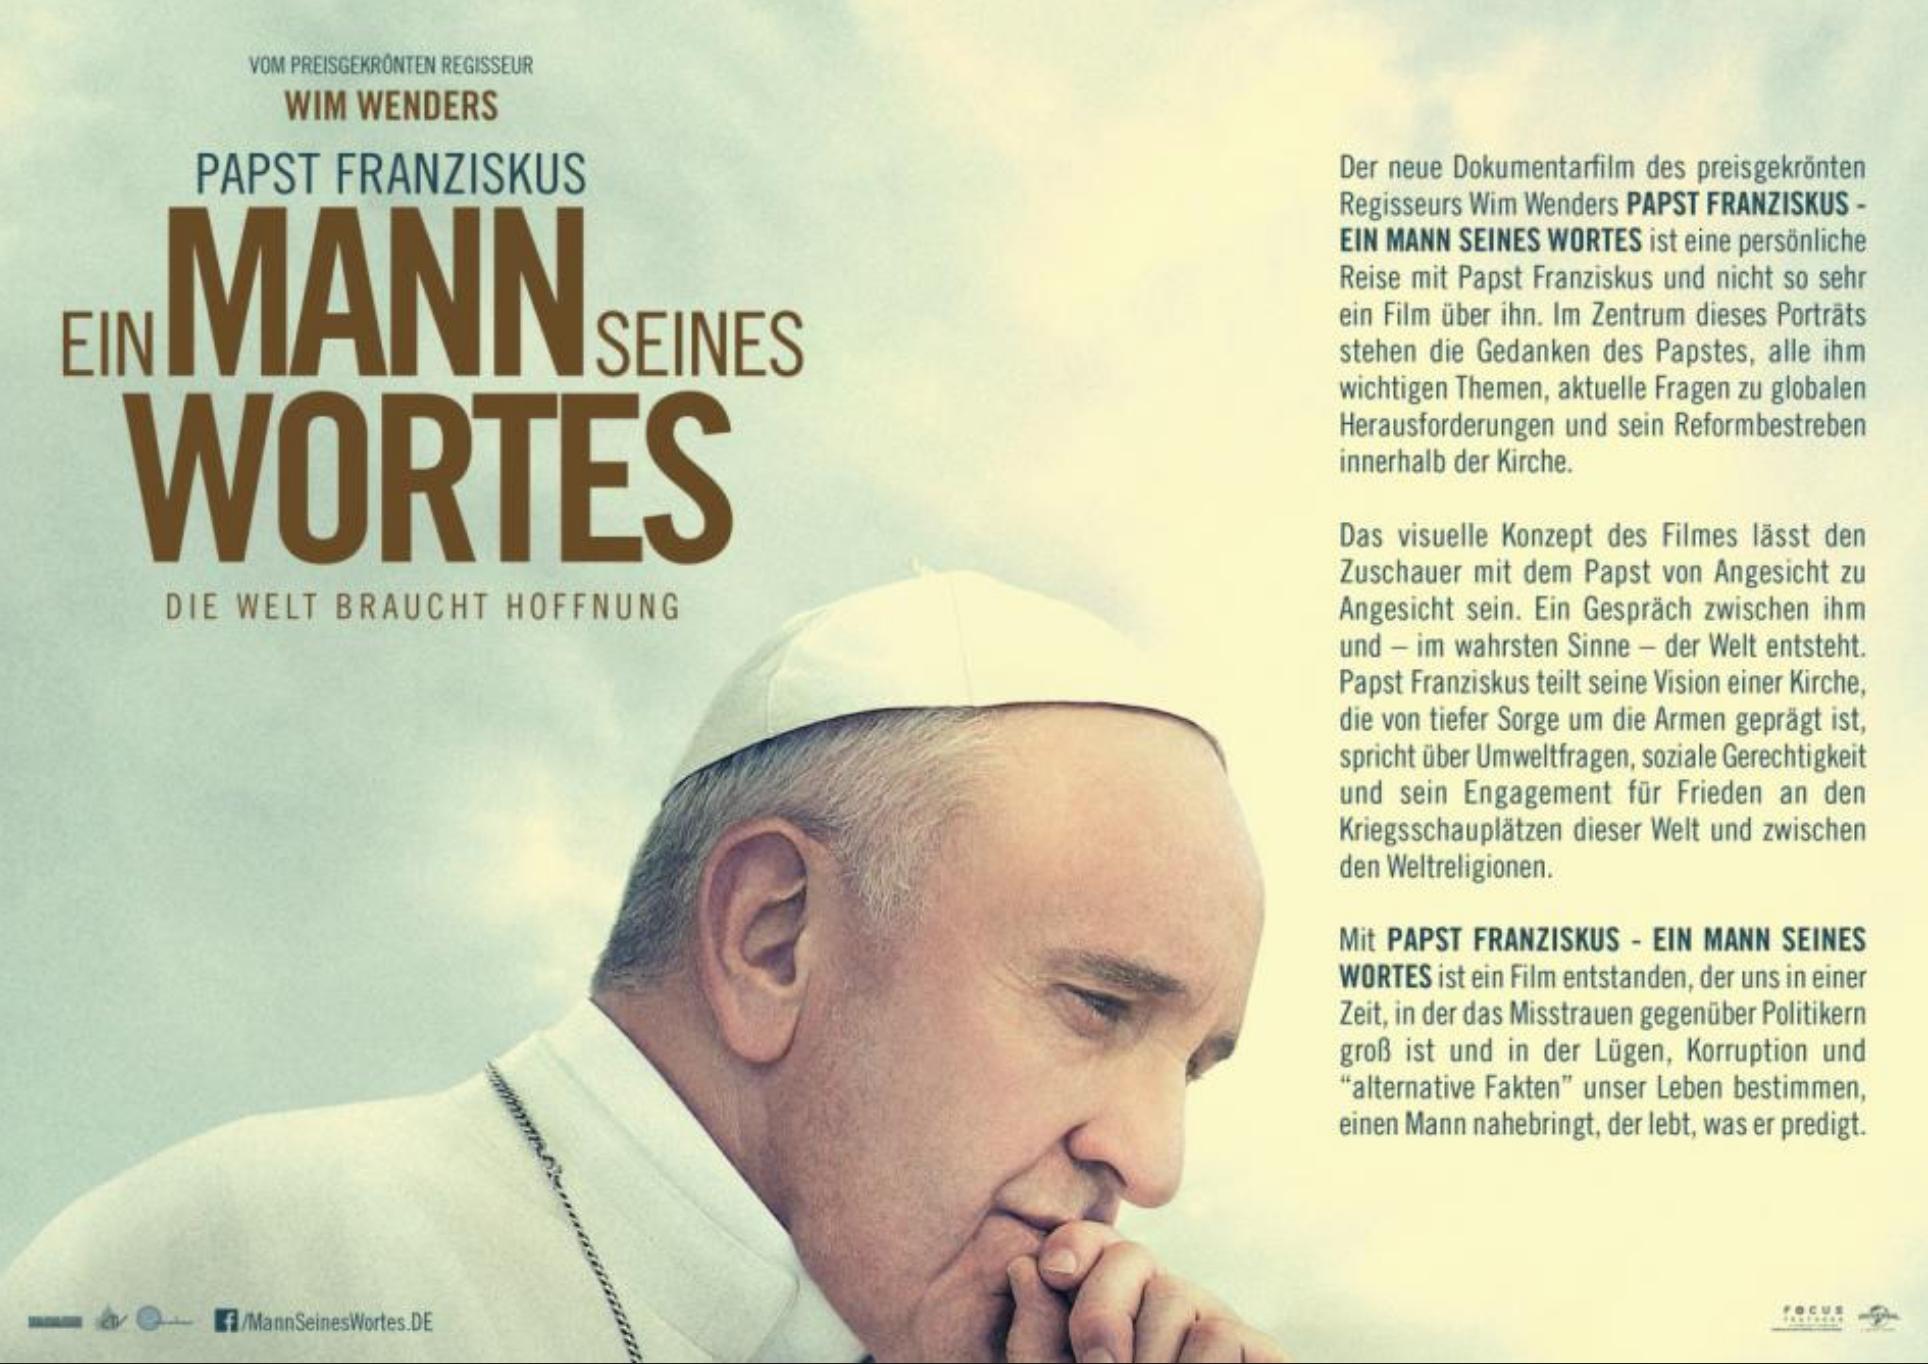 Papst Franziskus Ein Sehr Empfehlenswerter Und Bewegender